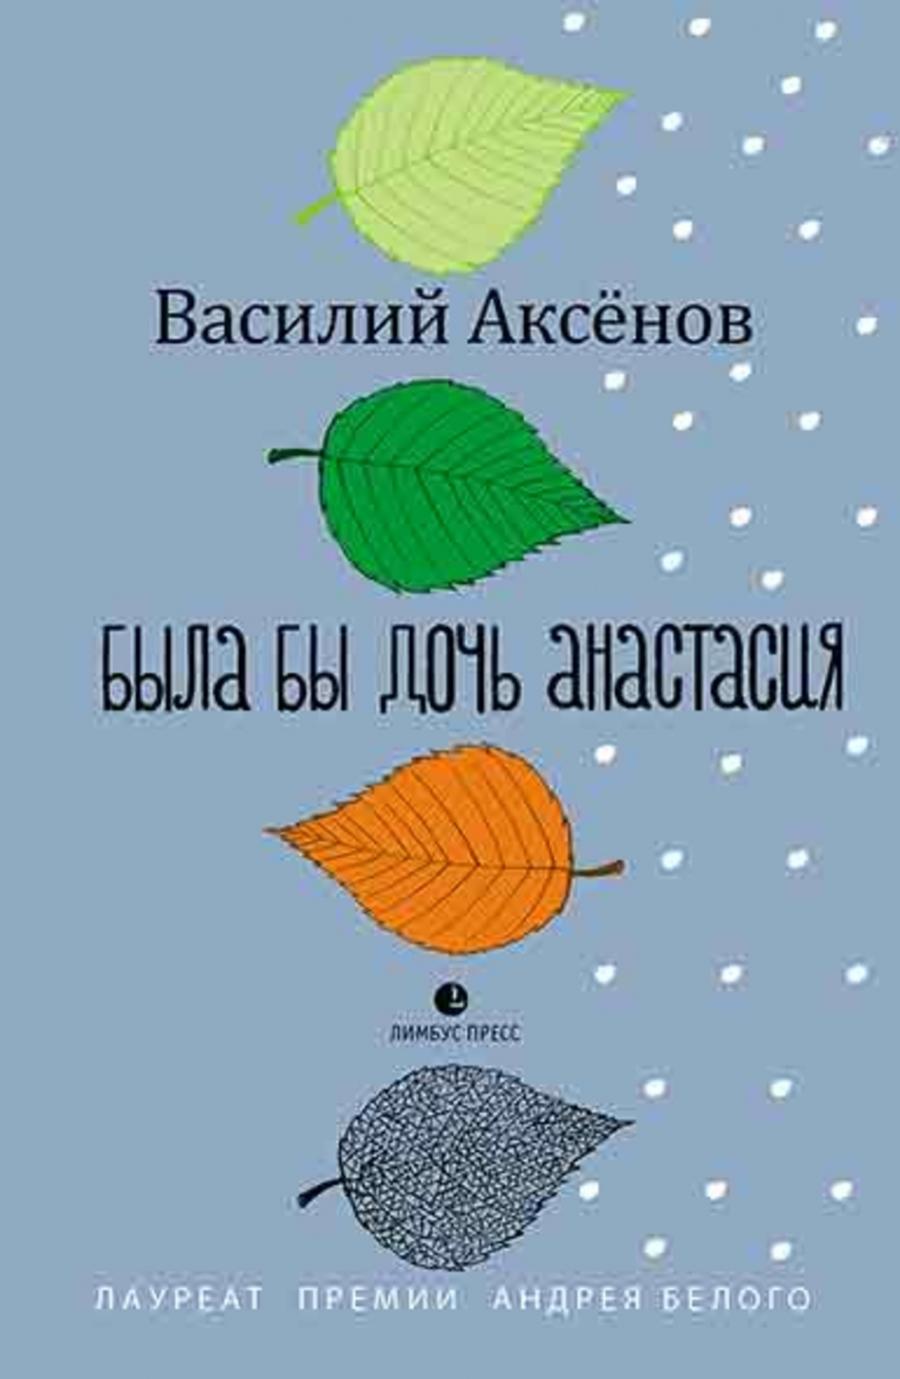 Василий Аксёнов. Была бы дочь Анастасия